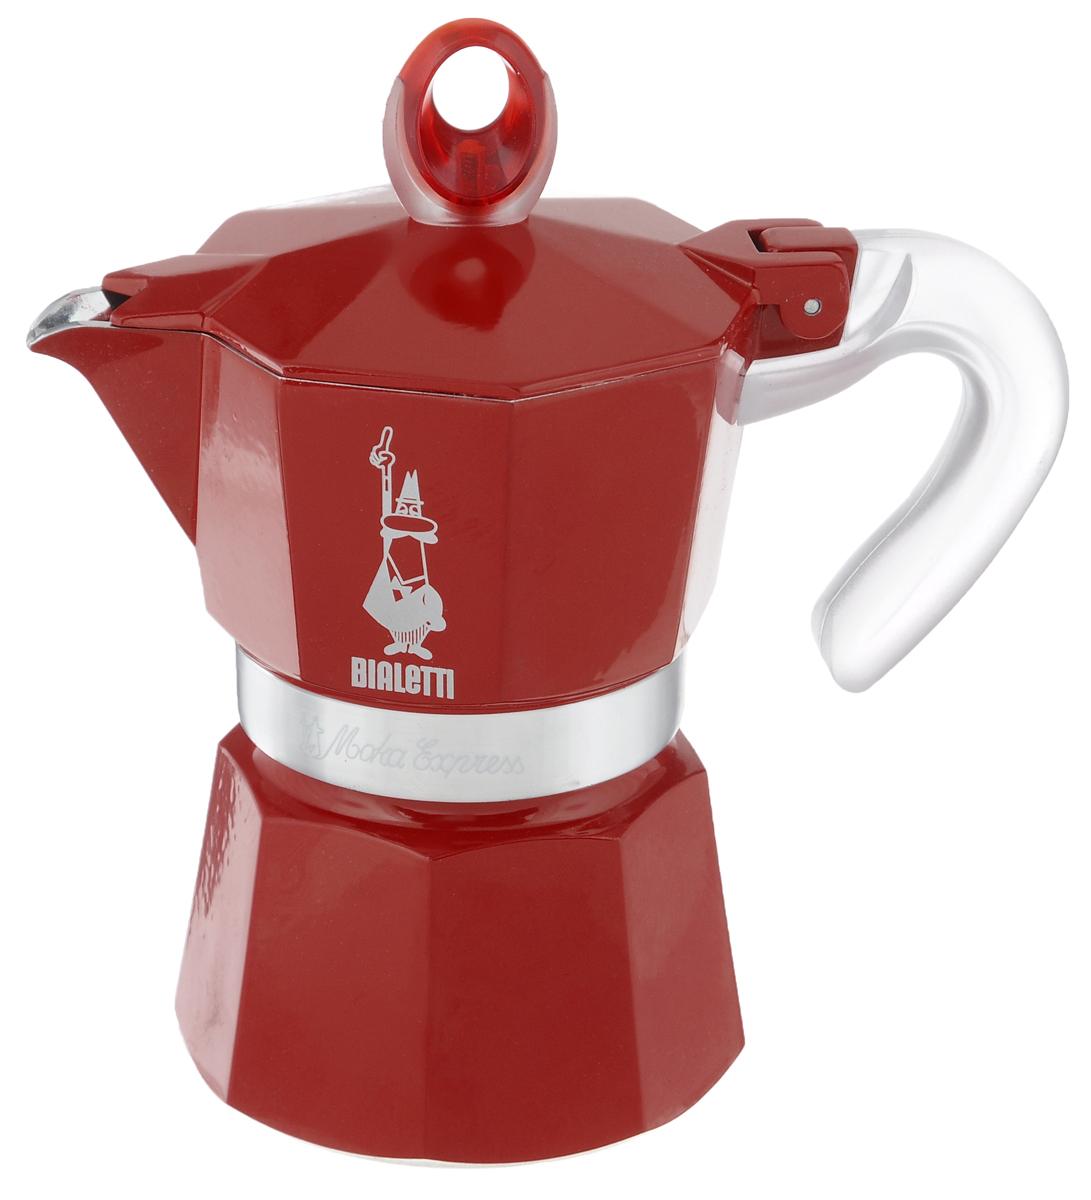 Кофеварка гейзерная Bialetti Moka Glossy, цвет: красный, на 3 чашки115510Компактная гейзерная кофеварка Bialetti Moka Glossy изготовлена из высококачественного алюминия. Объема кофе хватает на 3 чашки. Изделие оснащено удобной ручкой из пластика.Принцип работы такой гейзерной кофеварки - кофе заваривается путем многократного прохождения горячей воды или пара через слой молотого кофе. Удобство кофеварки в том, что вся кофейная гуща остается во внутренней емкости. Гейзерные кофеварки пользуются большой популярностью благодаря изысканному аромату. Кофе получается крепкий и насыщенный. Теперь и дома вы сможете насладиться великолепным эспрессо. Подходит для газовых, электрических и стеклокерамических плит. Нельзя мыть в посудомоечной машине. Высота (с учетом крышки): 17 см.